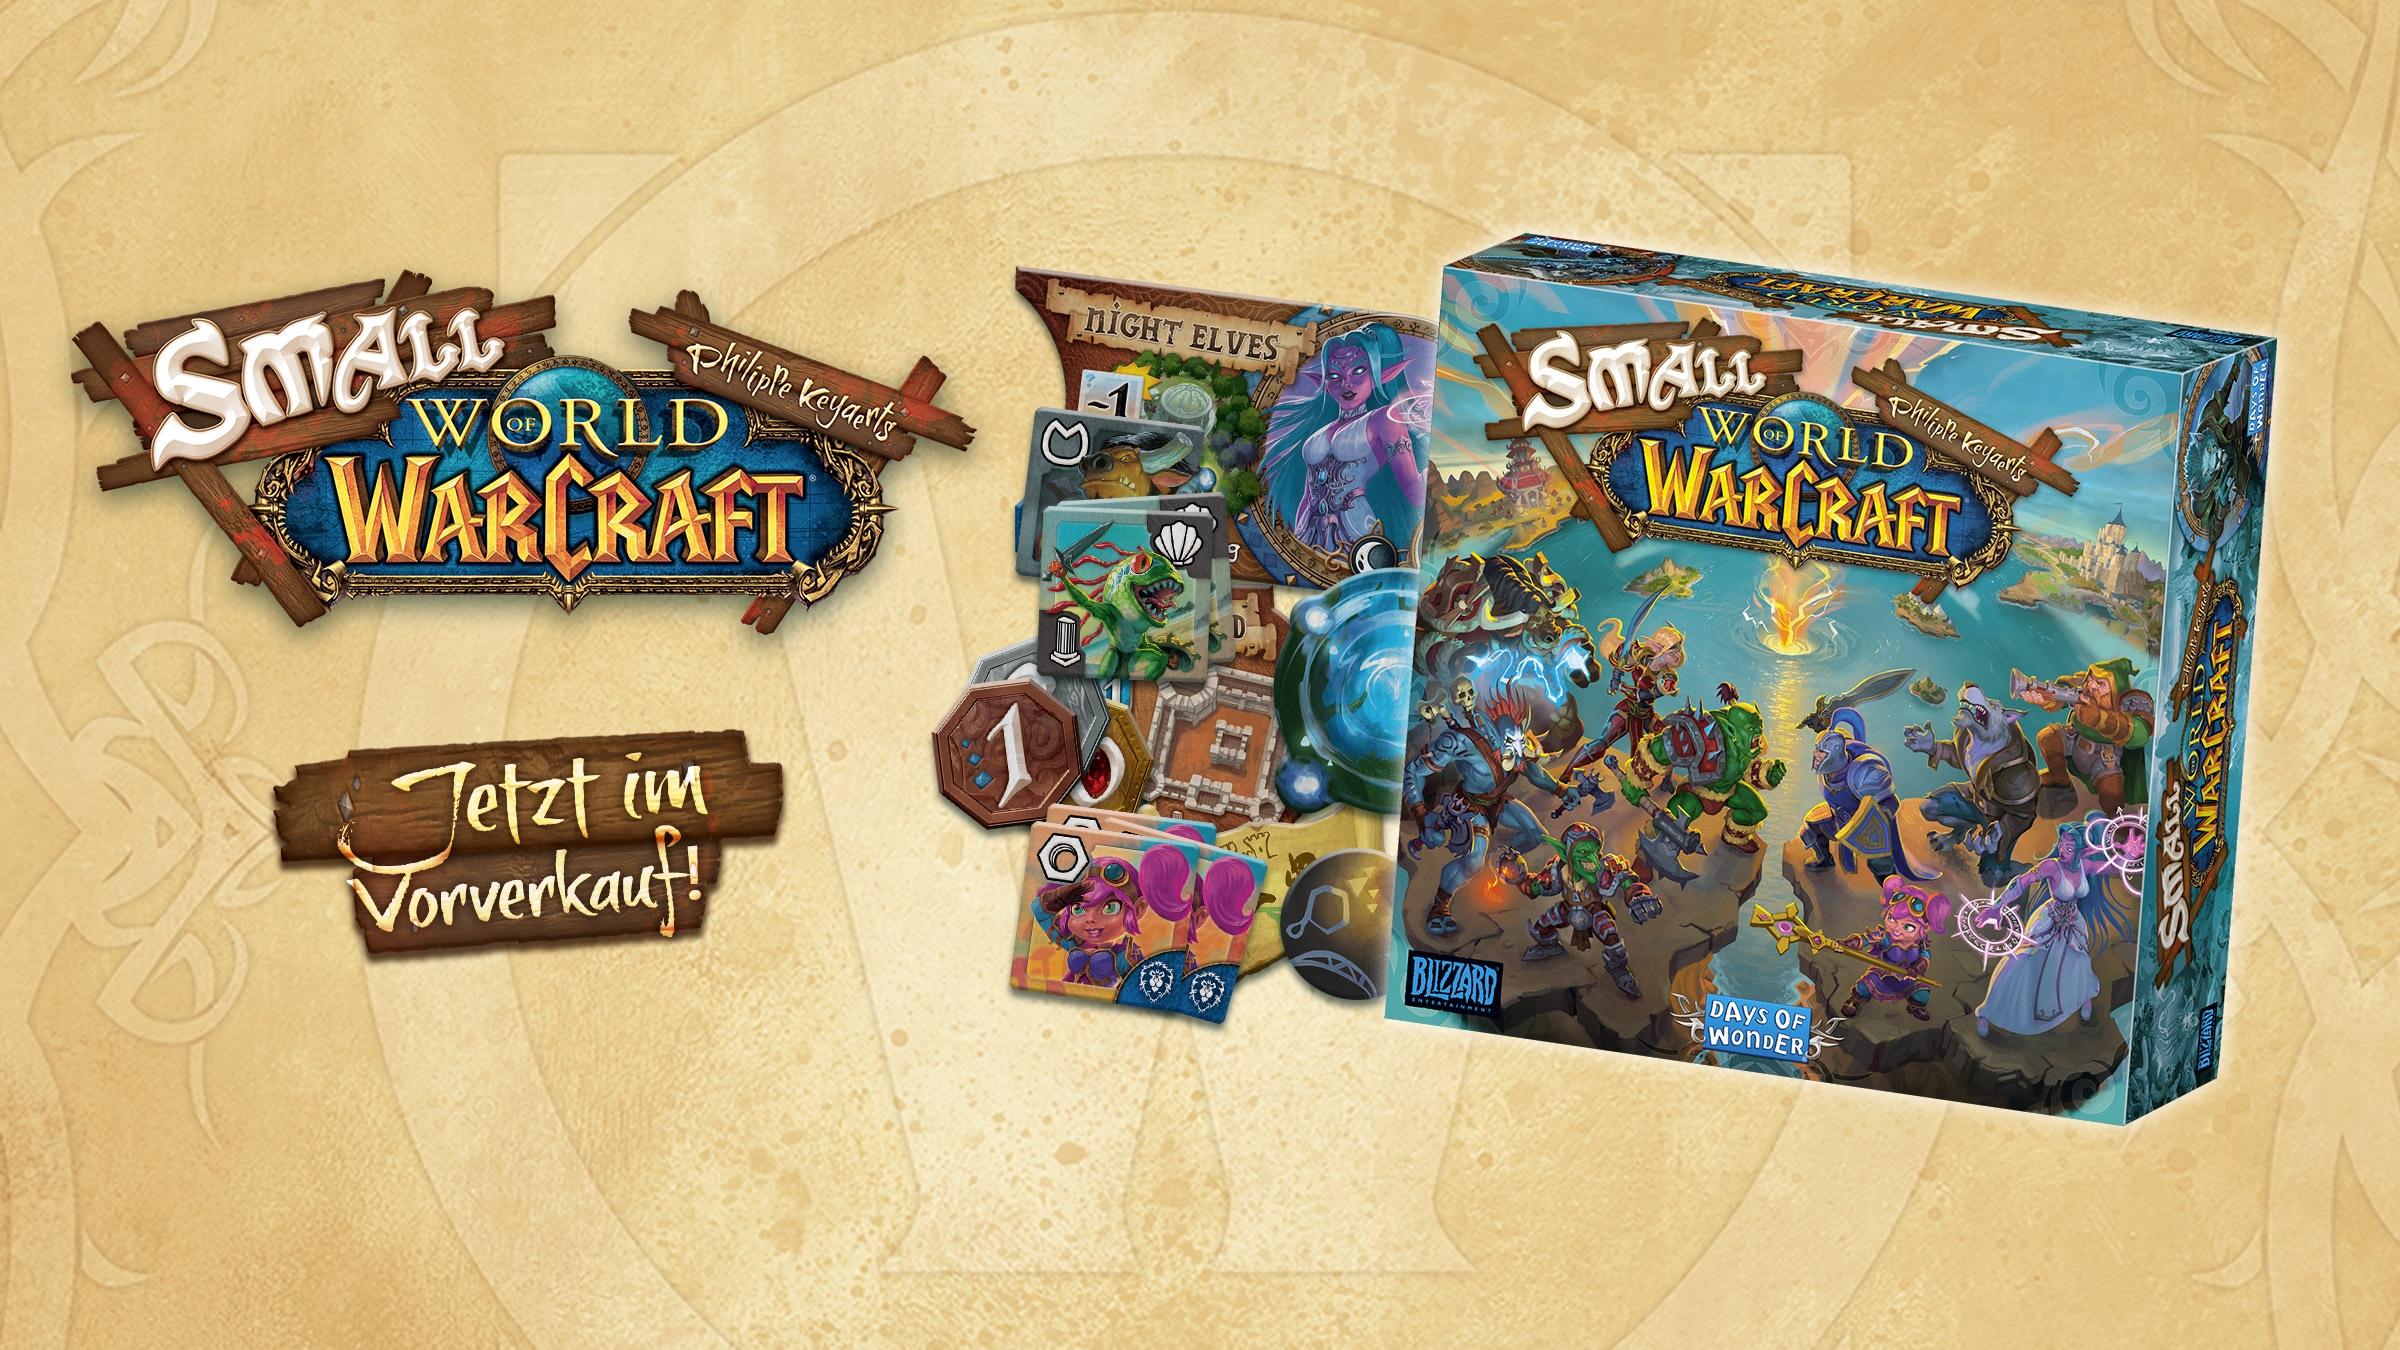 Small World of Warcraft ist jetzt im Vorverkauf erhältlich